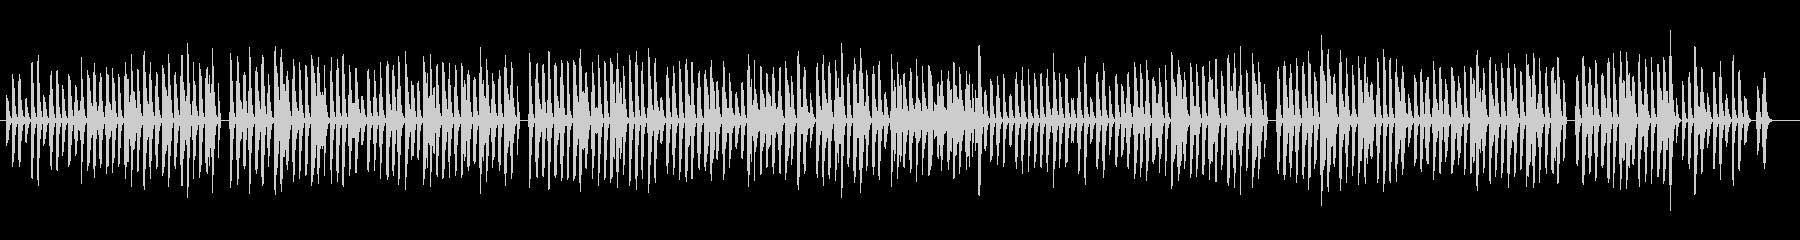 aほのぼのした軽快で可愛らし曲 pfの未再生の波形